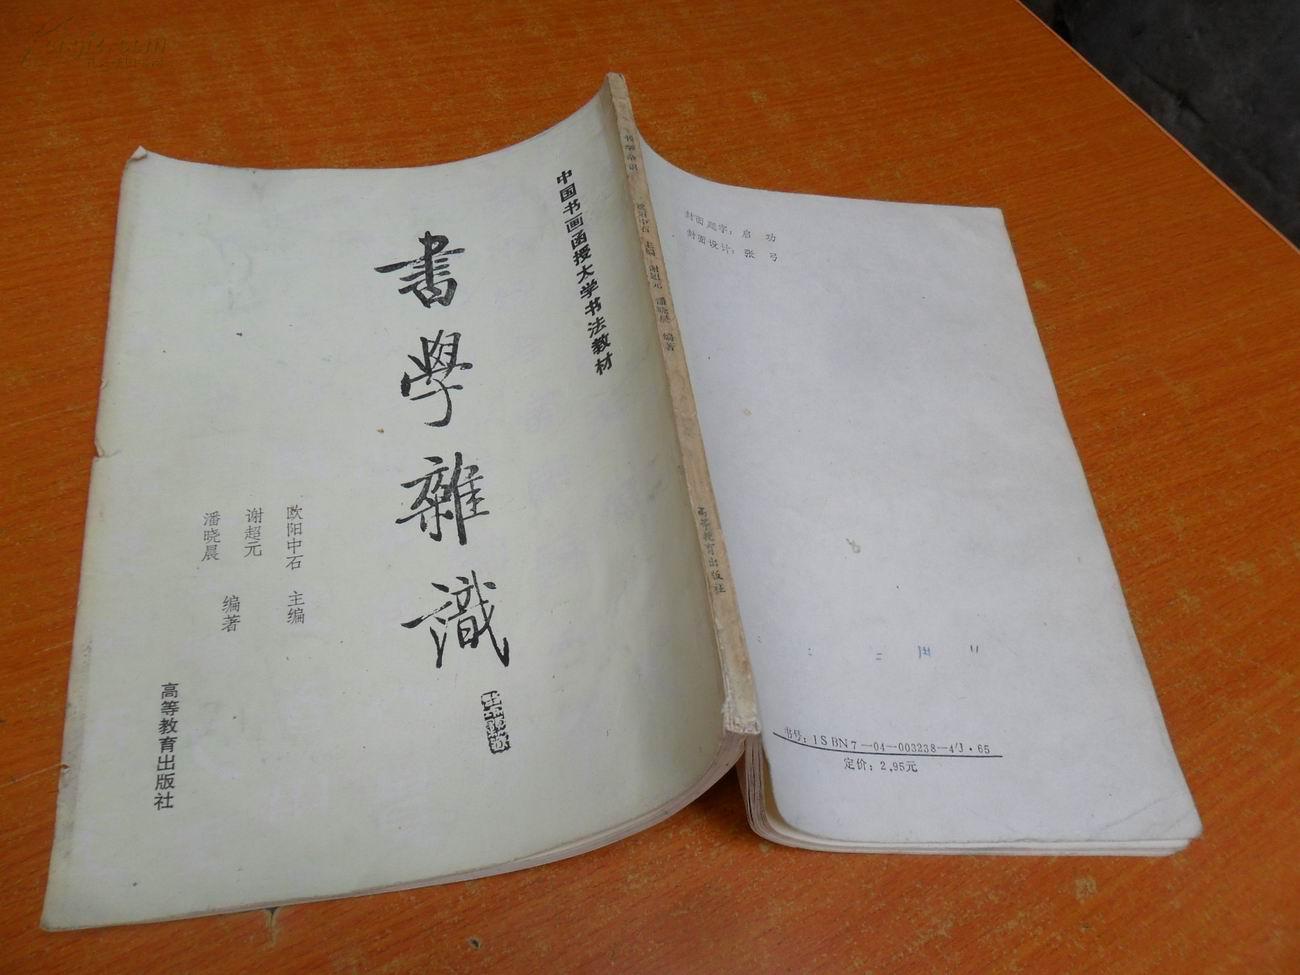 中国书画函授大学的介绍图片